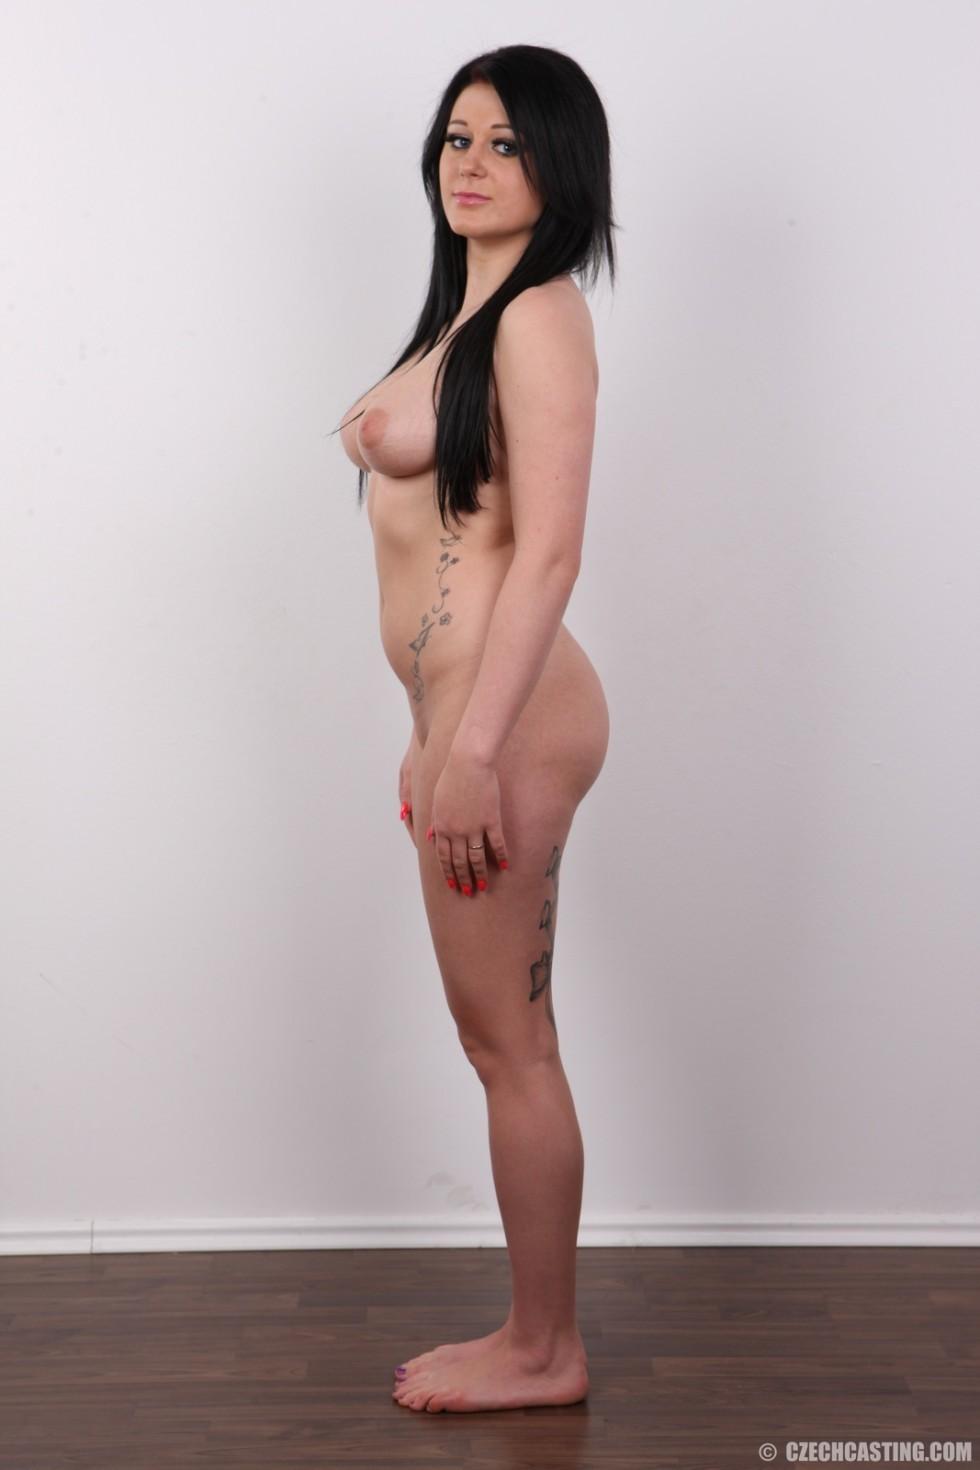 Татуированная темненькая девушка снимается раздетой на кастинге